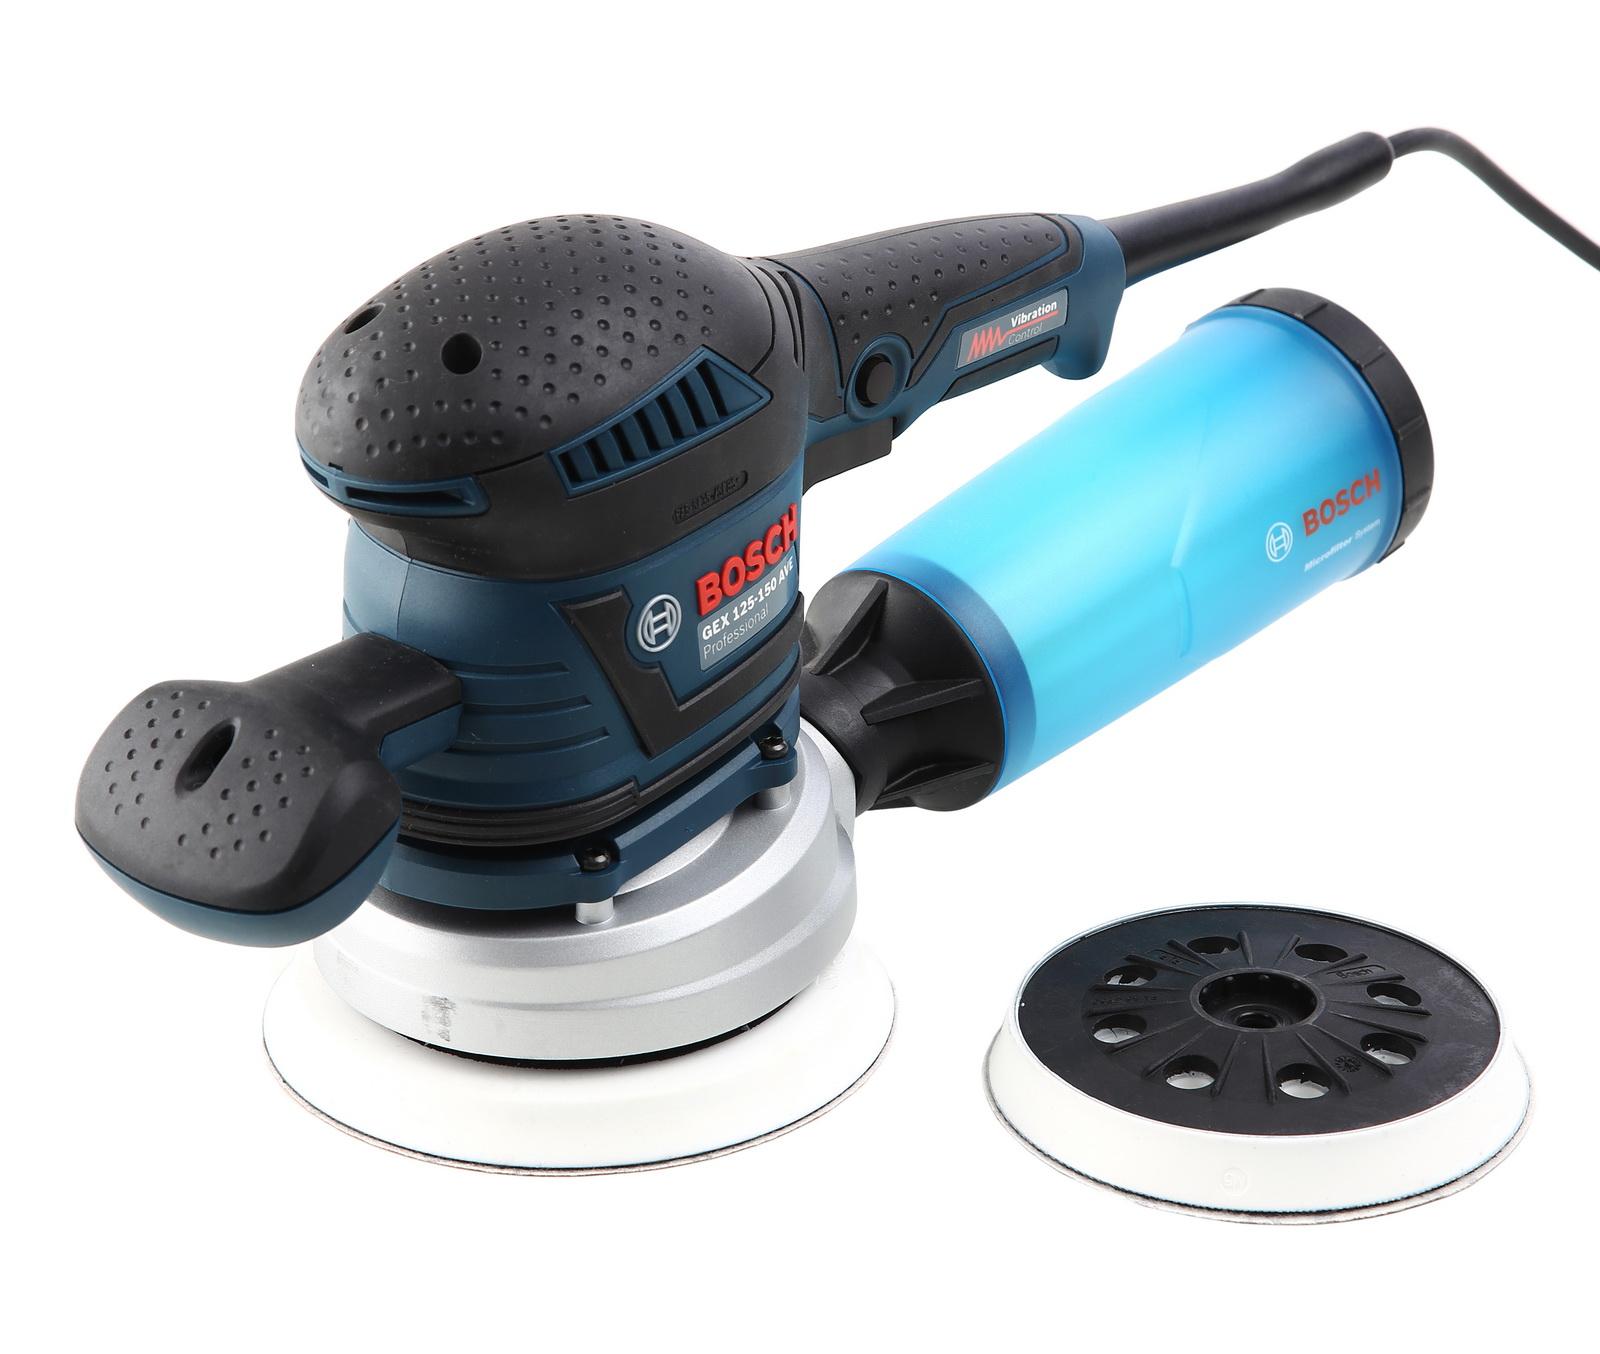 Машинка шлифовальная орбитальная (эксцентриковая) Bosch Gex 125-150 ave - это успешная покупка. Знаете, что заказать продукцию бренда Bosch - это быстро и цена доступная.